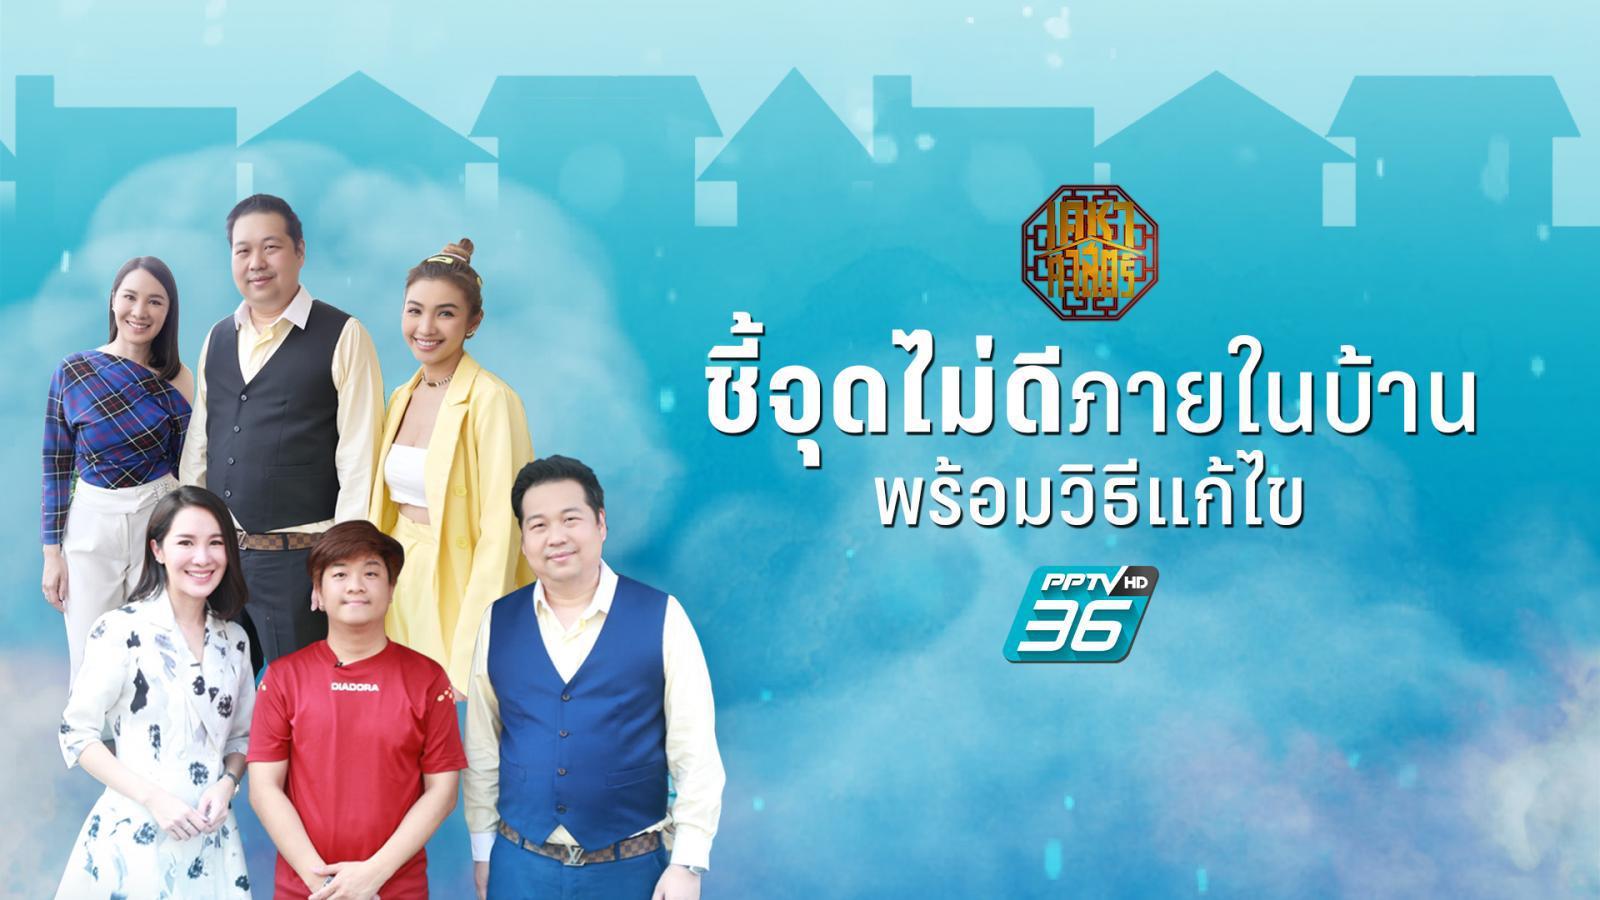 เคหาศาสตร์ | ตี่ลี่ ฮวงจุ้ย | ชี้จุดไม่ดีภายในบ้าน ด้วยศาสตร์ ตี่ลี่ ฮวงจุ้ย | PPTV HD 36